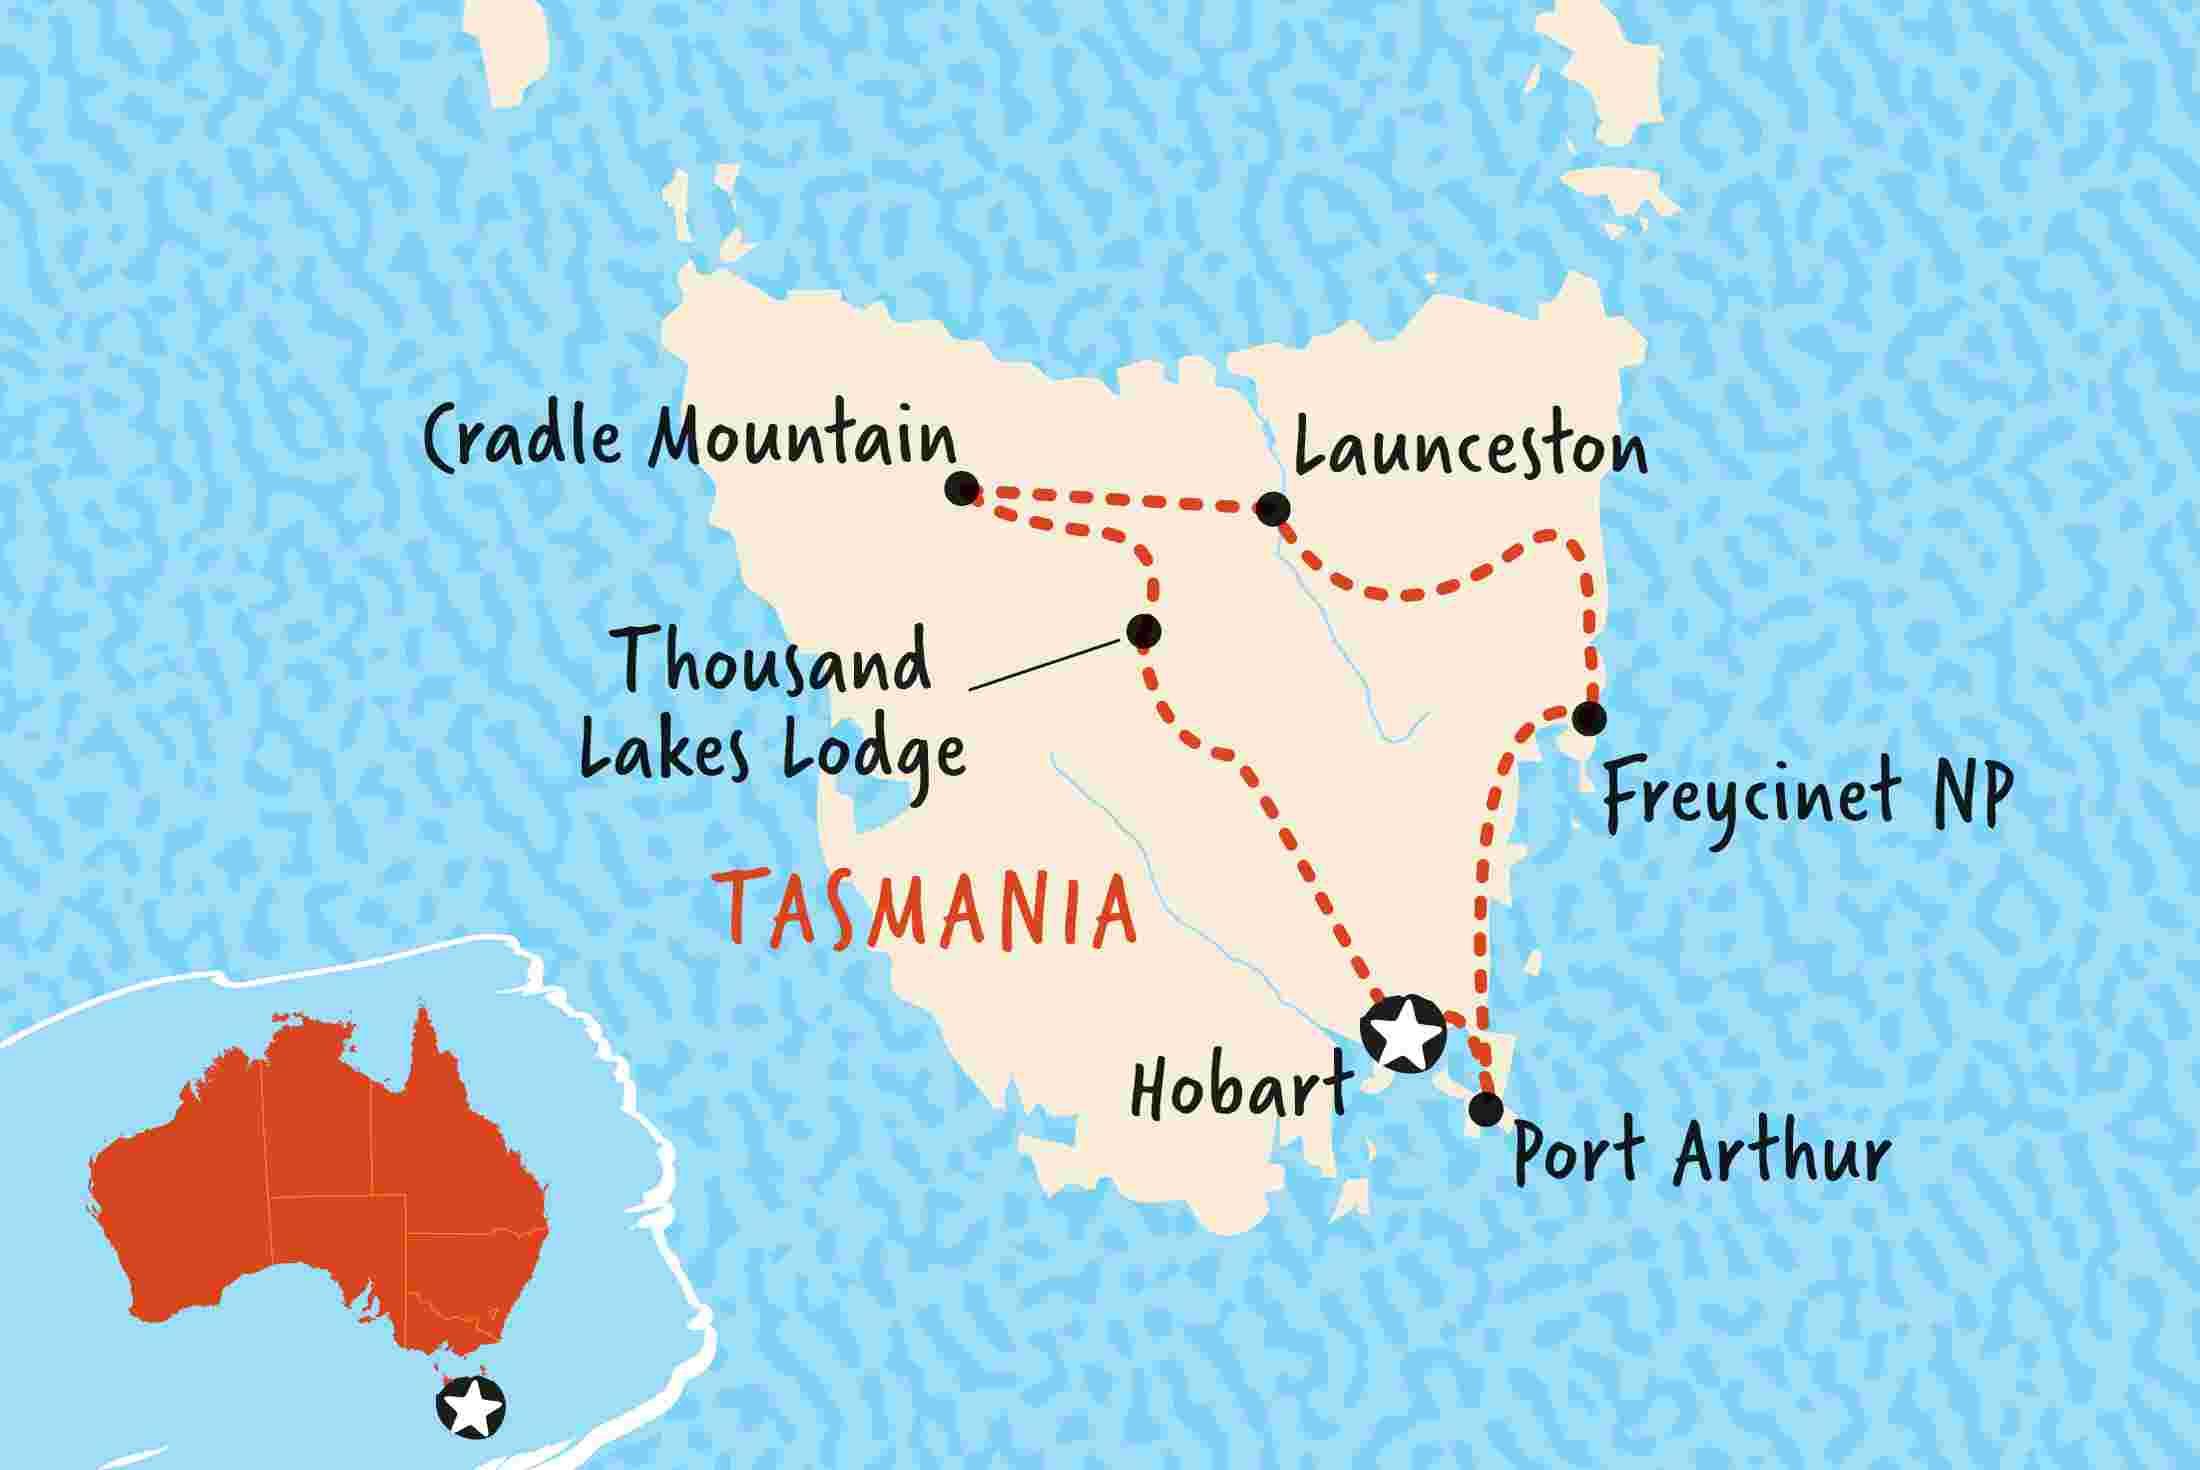 Map Of Australia And Tasmania.Tasmania Tours Travel Trips Adventure Tours Australia